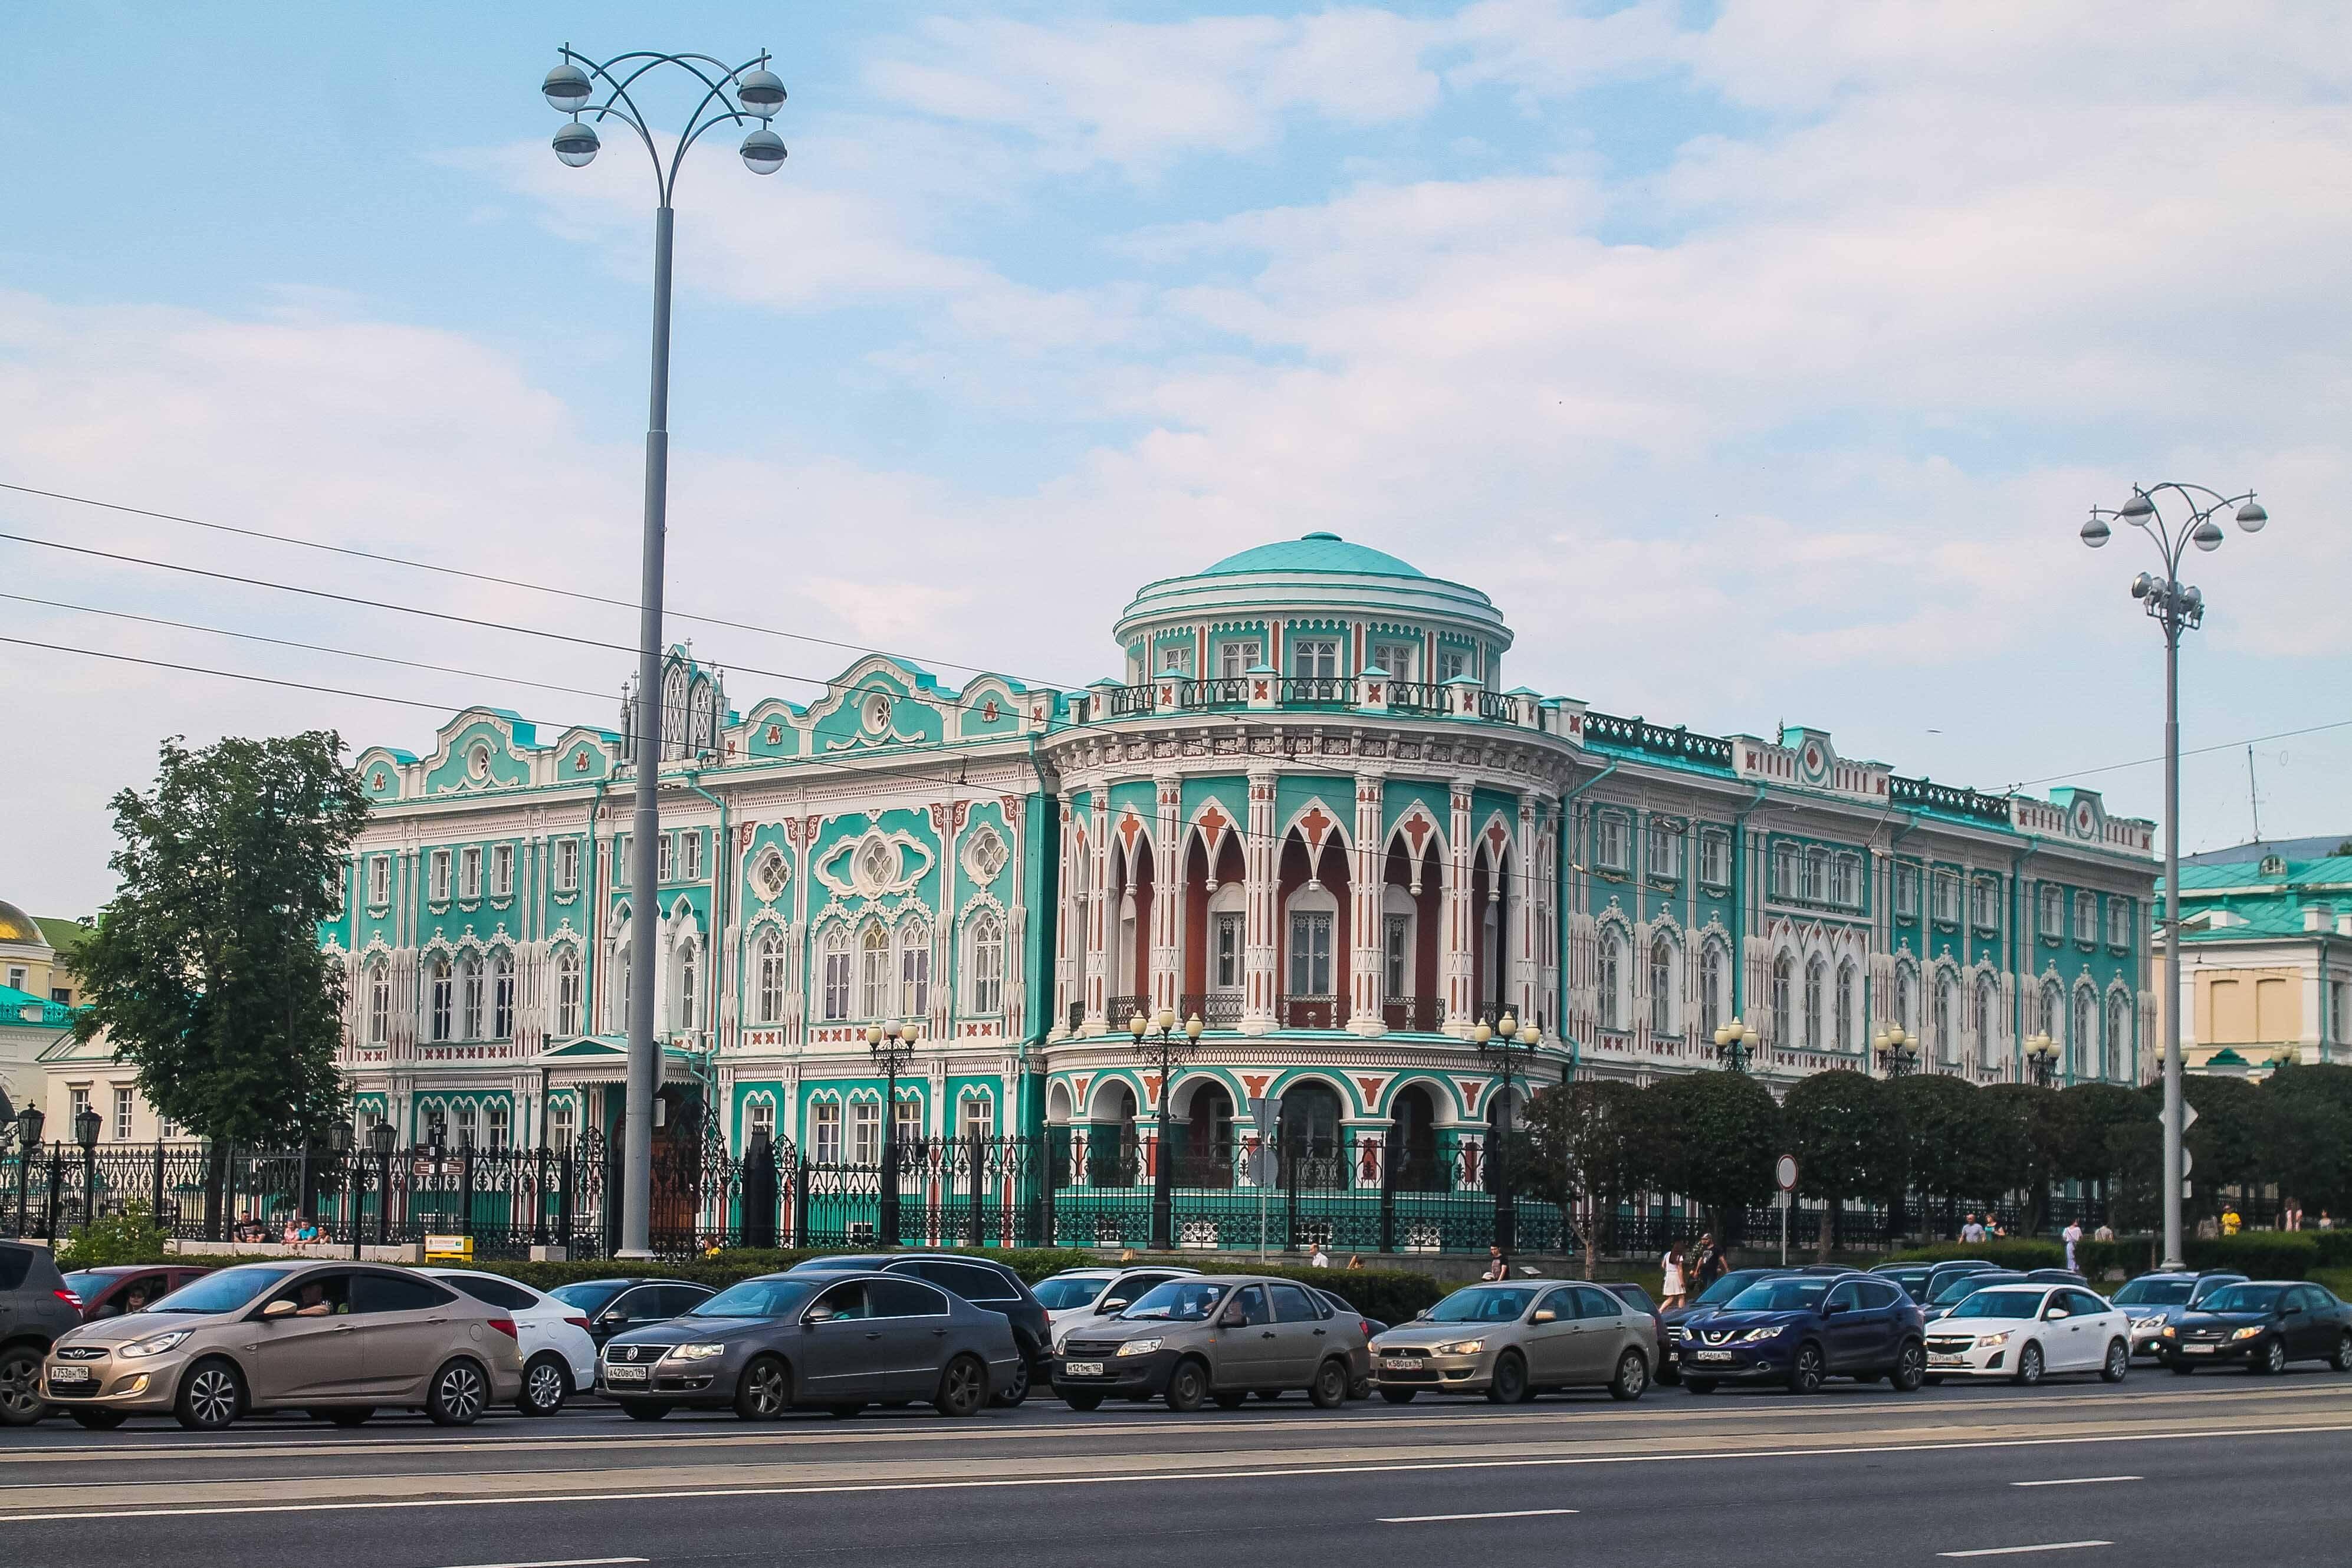 Existem países que o trânsito é INTENSO. A Rússia é um deles e não é recomendado alugar carro para grandes cidades da Europa.